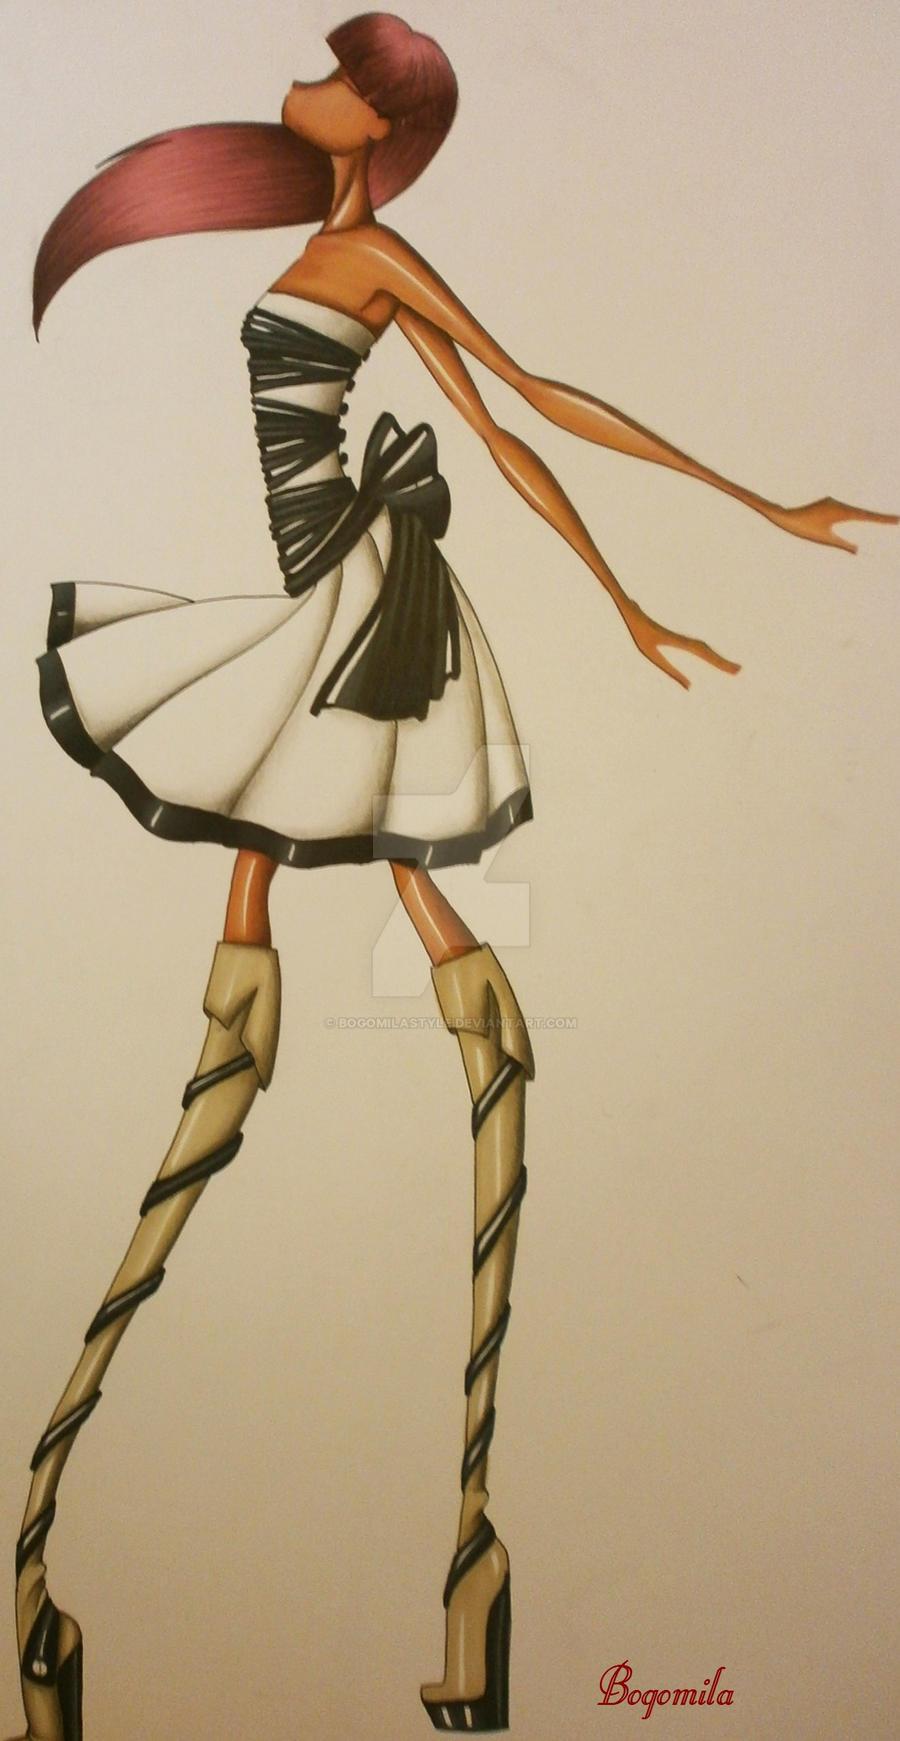 Favorito figurino di moda by Bogomilastyle on DeviantArt SK37